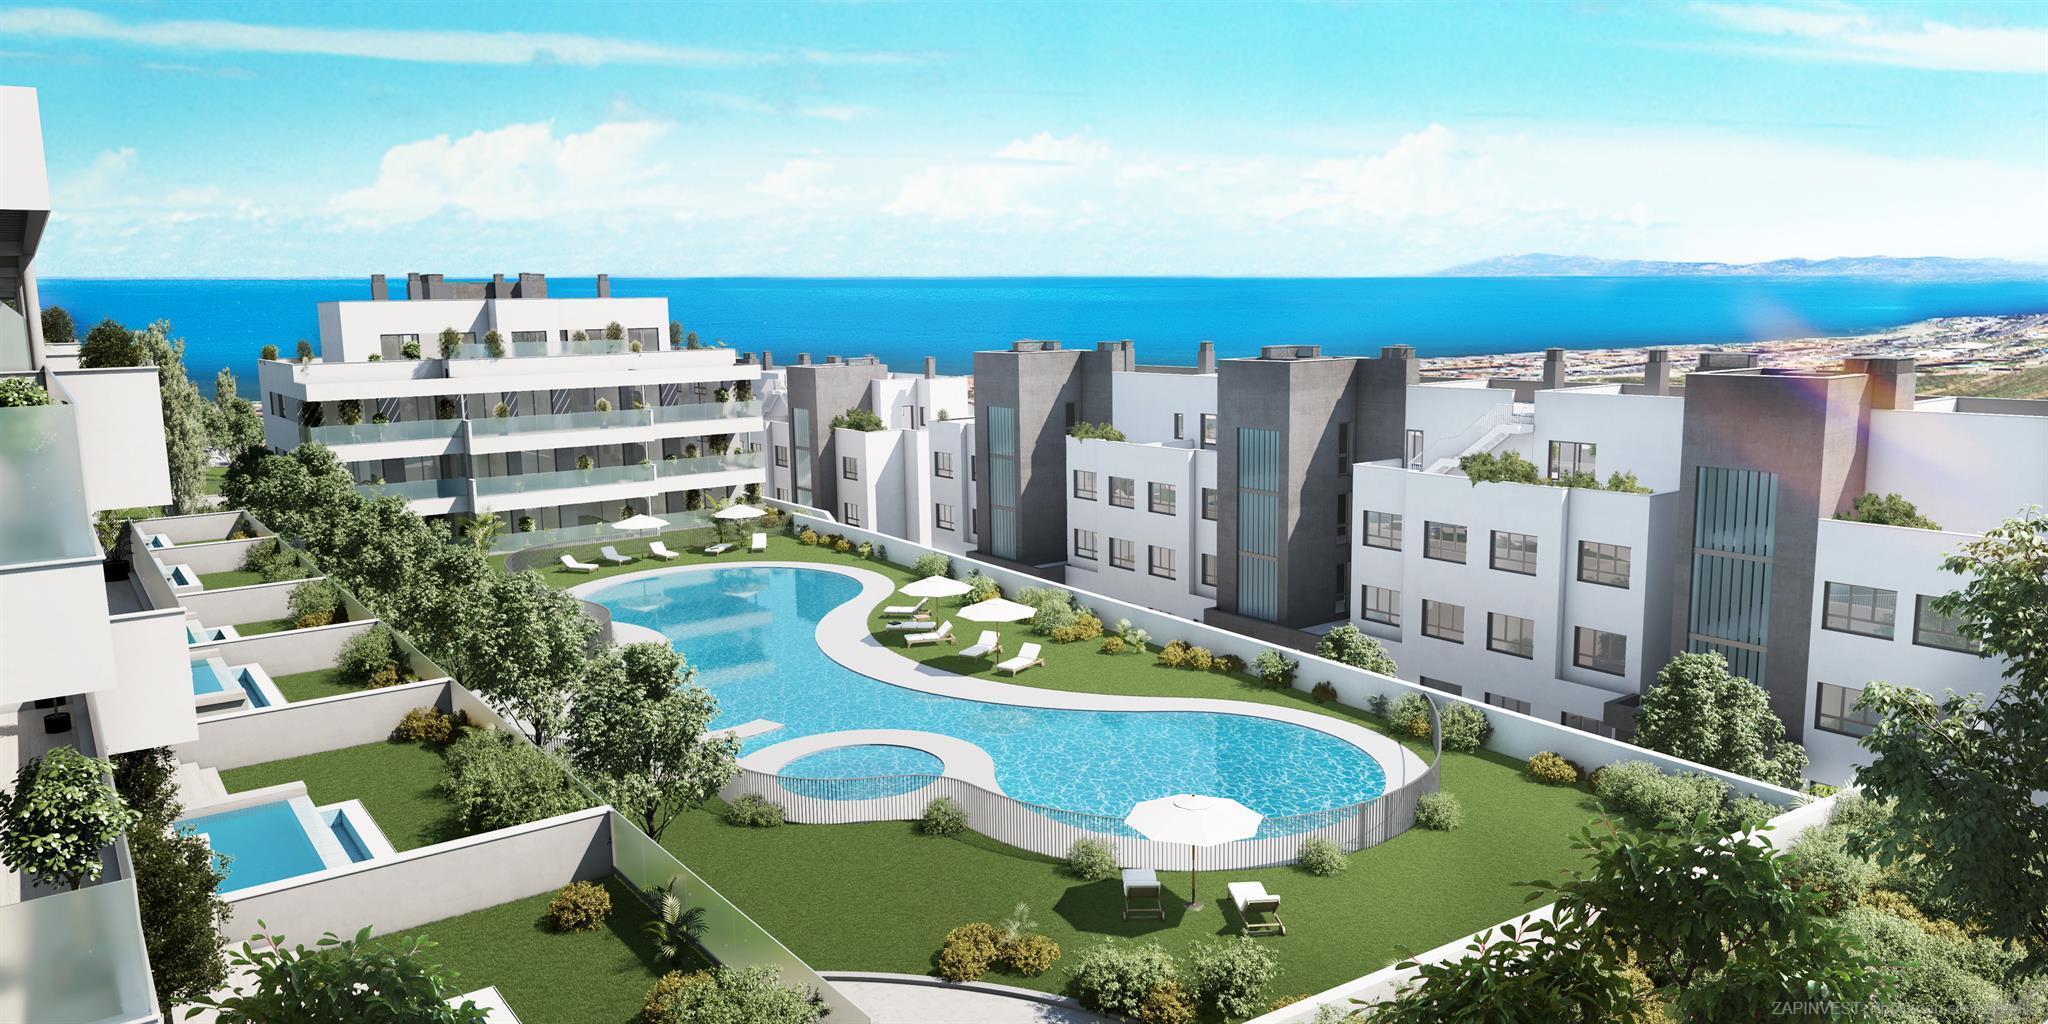 Nieuw project in het hart van Mijas, van twee tot vier slaapkamers, parkeerplaats en kelder, gemeenschappelijk zwembad, spa en fitnessruimte. Slechts 40 meter van supermarkten en sportcentra, 400 meter van een golfbaan en 900 meter van het strand.